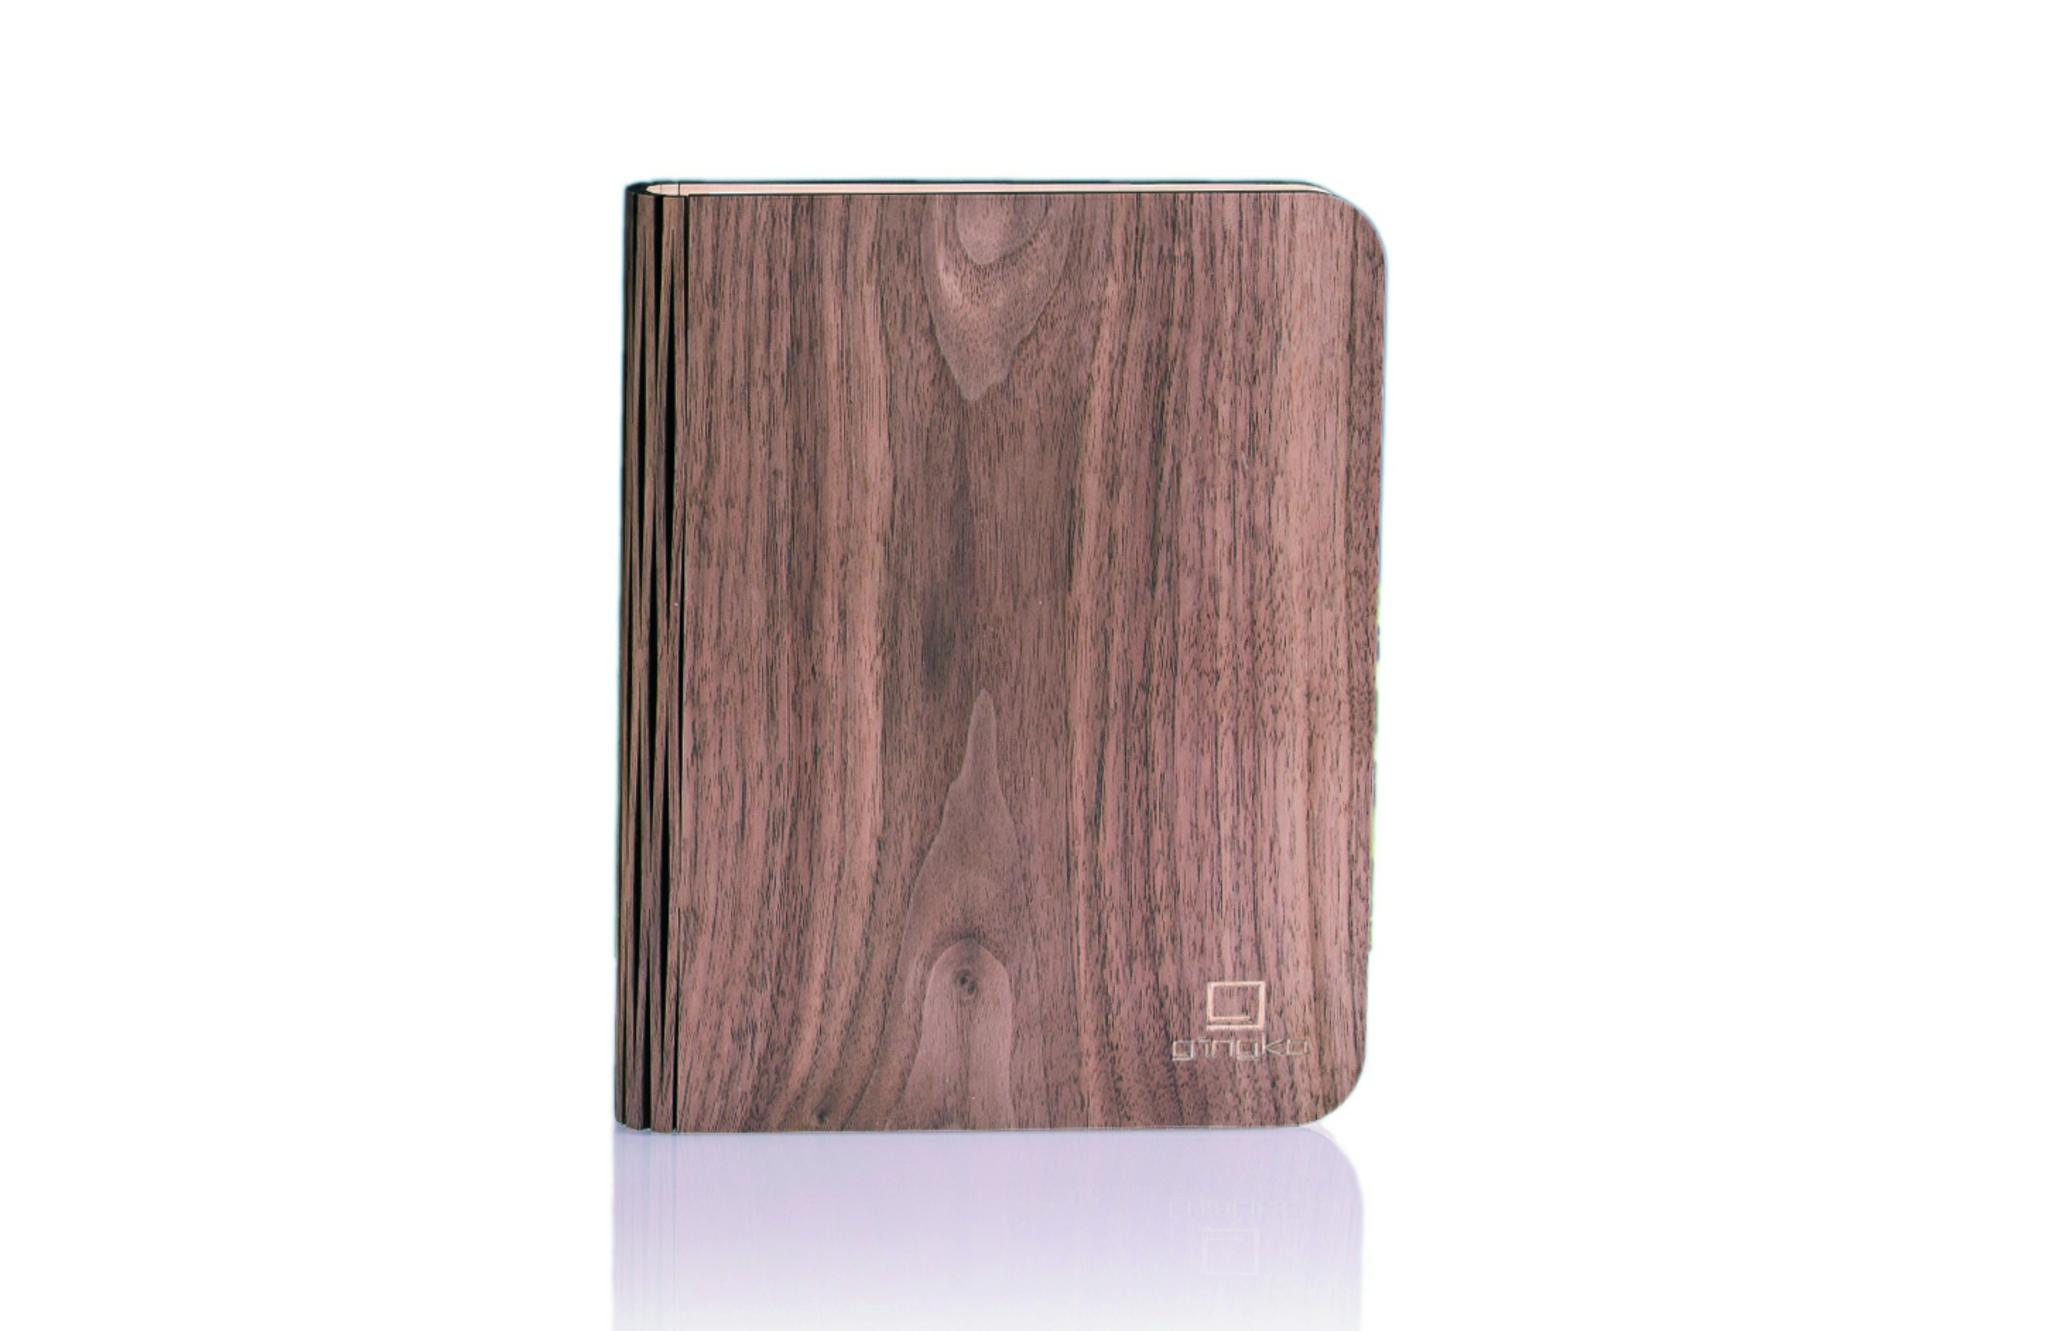 Wood walnut gross, inkl. USB Ladekabel, warmes lic